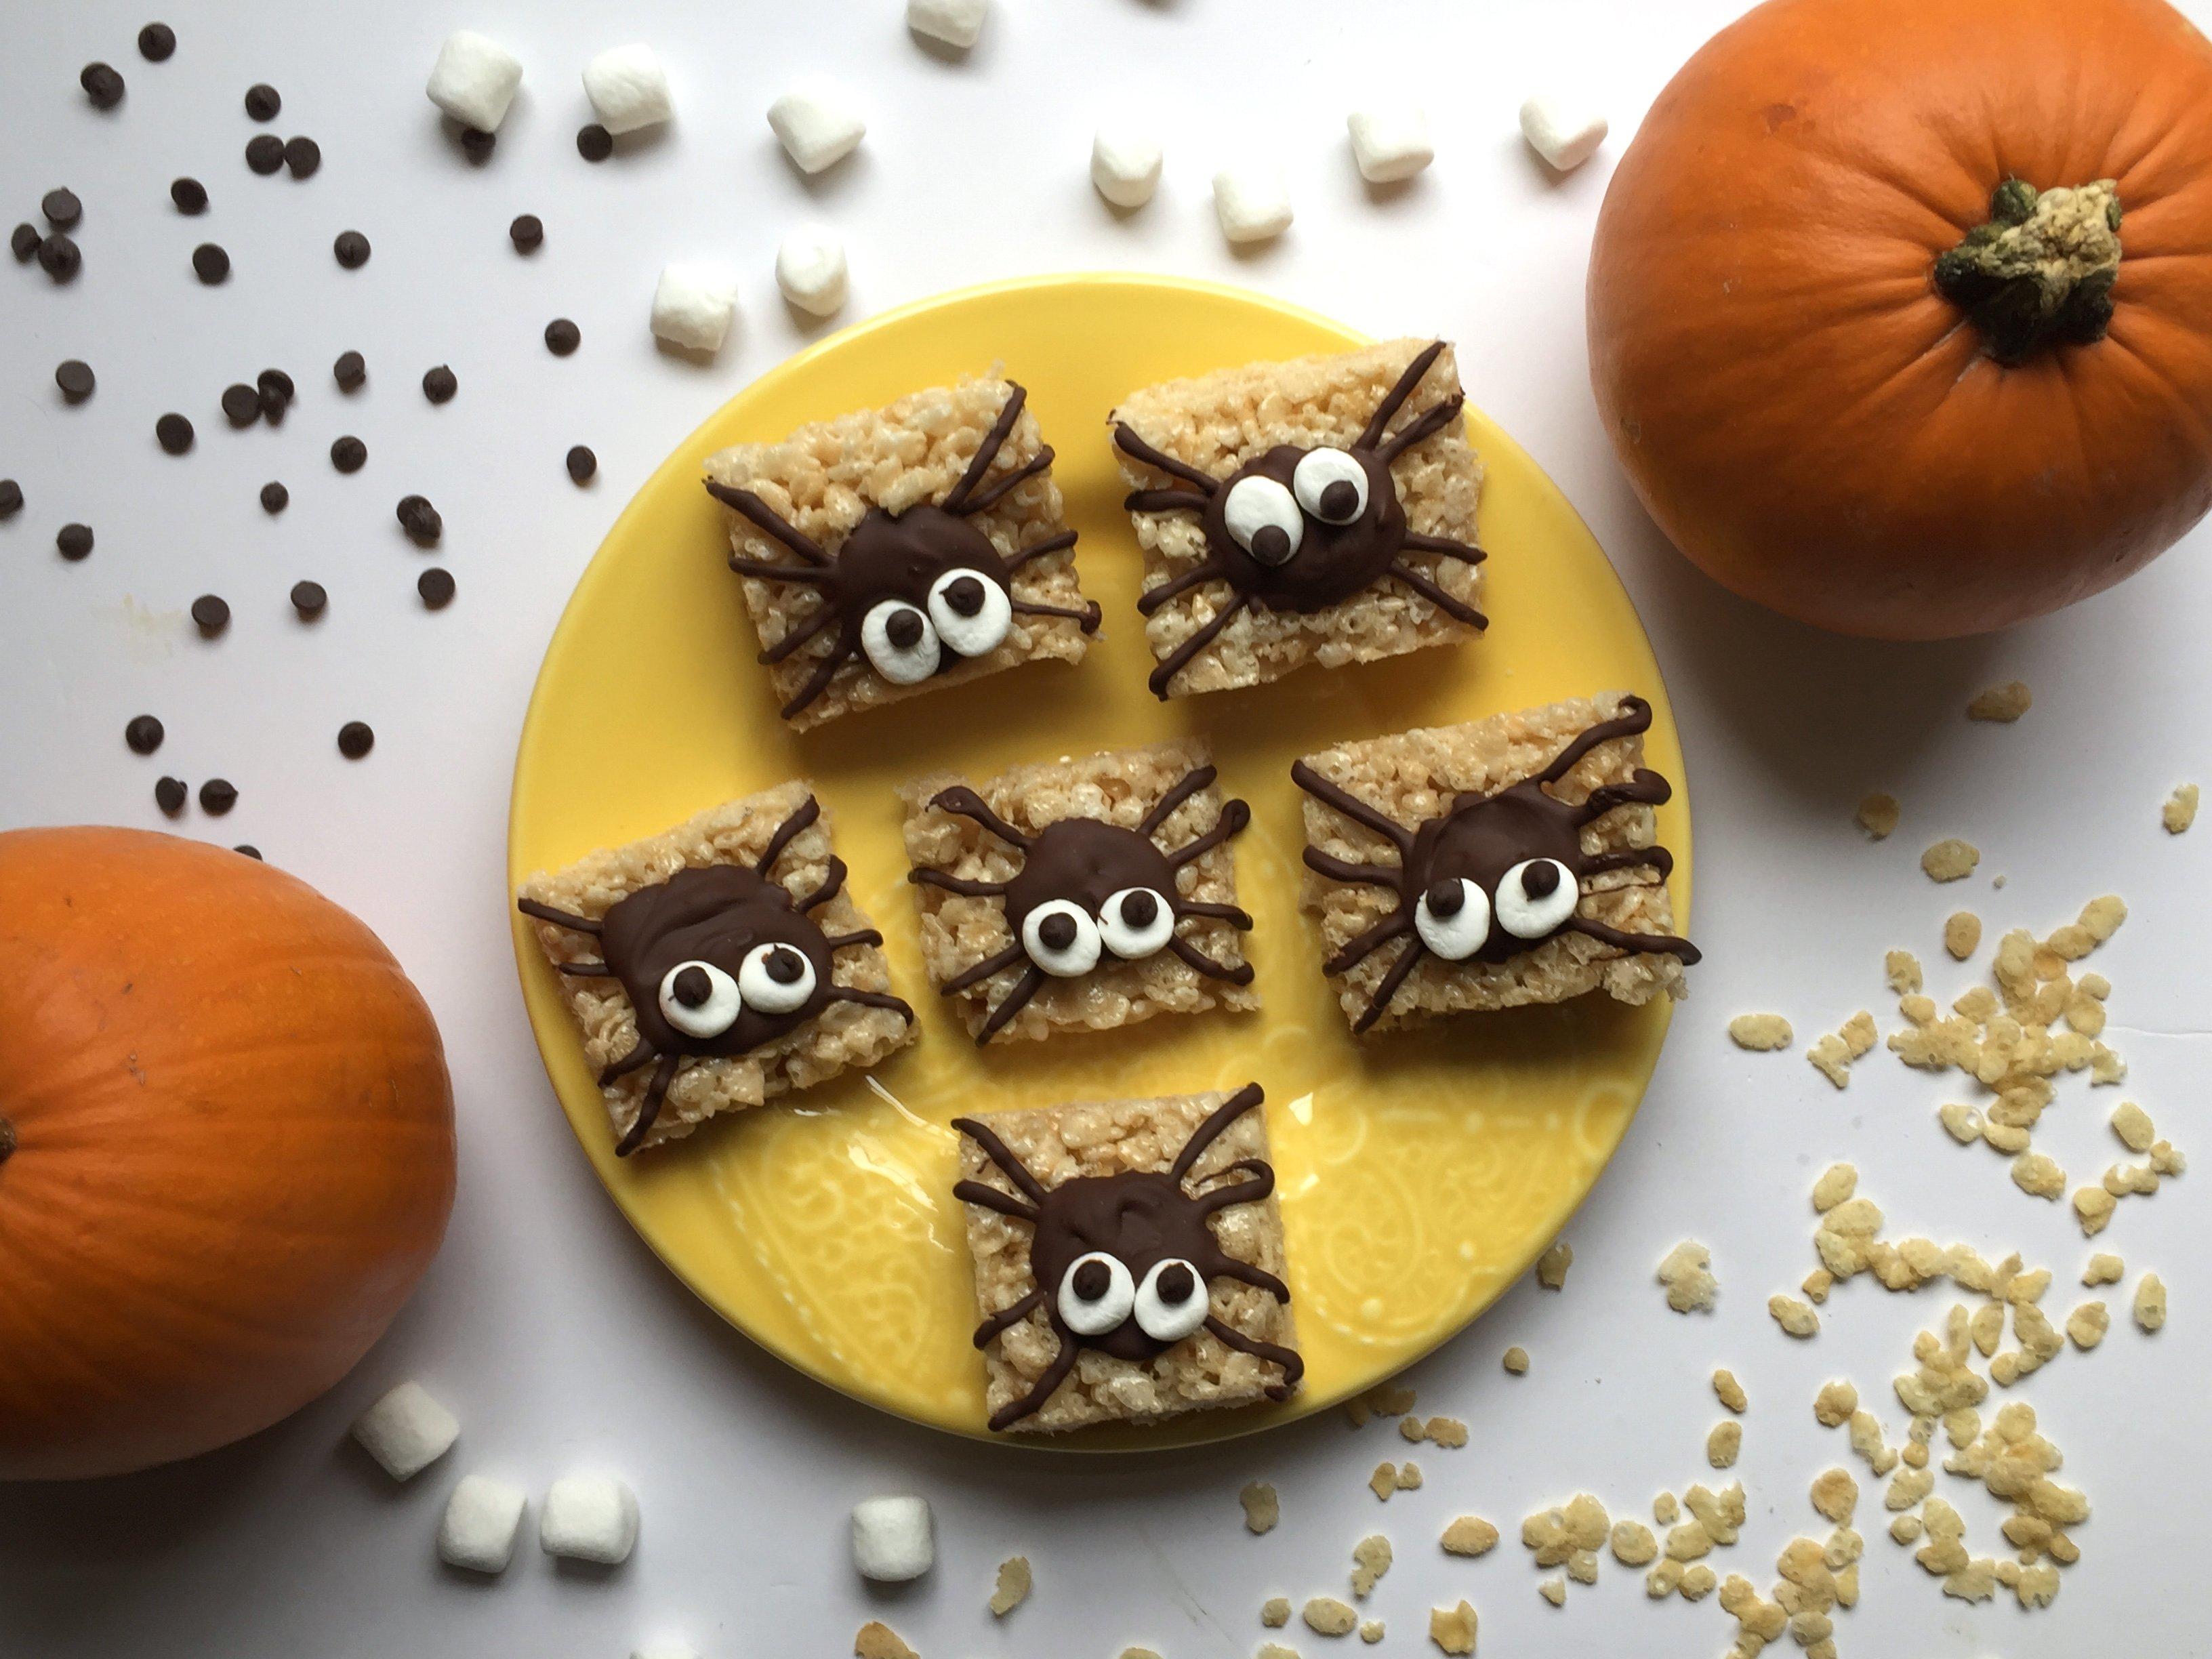 10 Great Halloween Rice Krispie Treat Ideas easy halloween treats spider rice krispie treats 2020